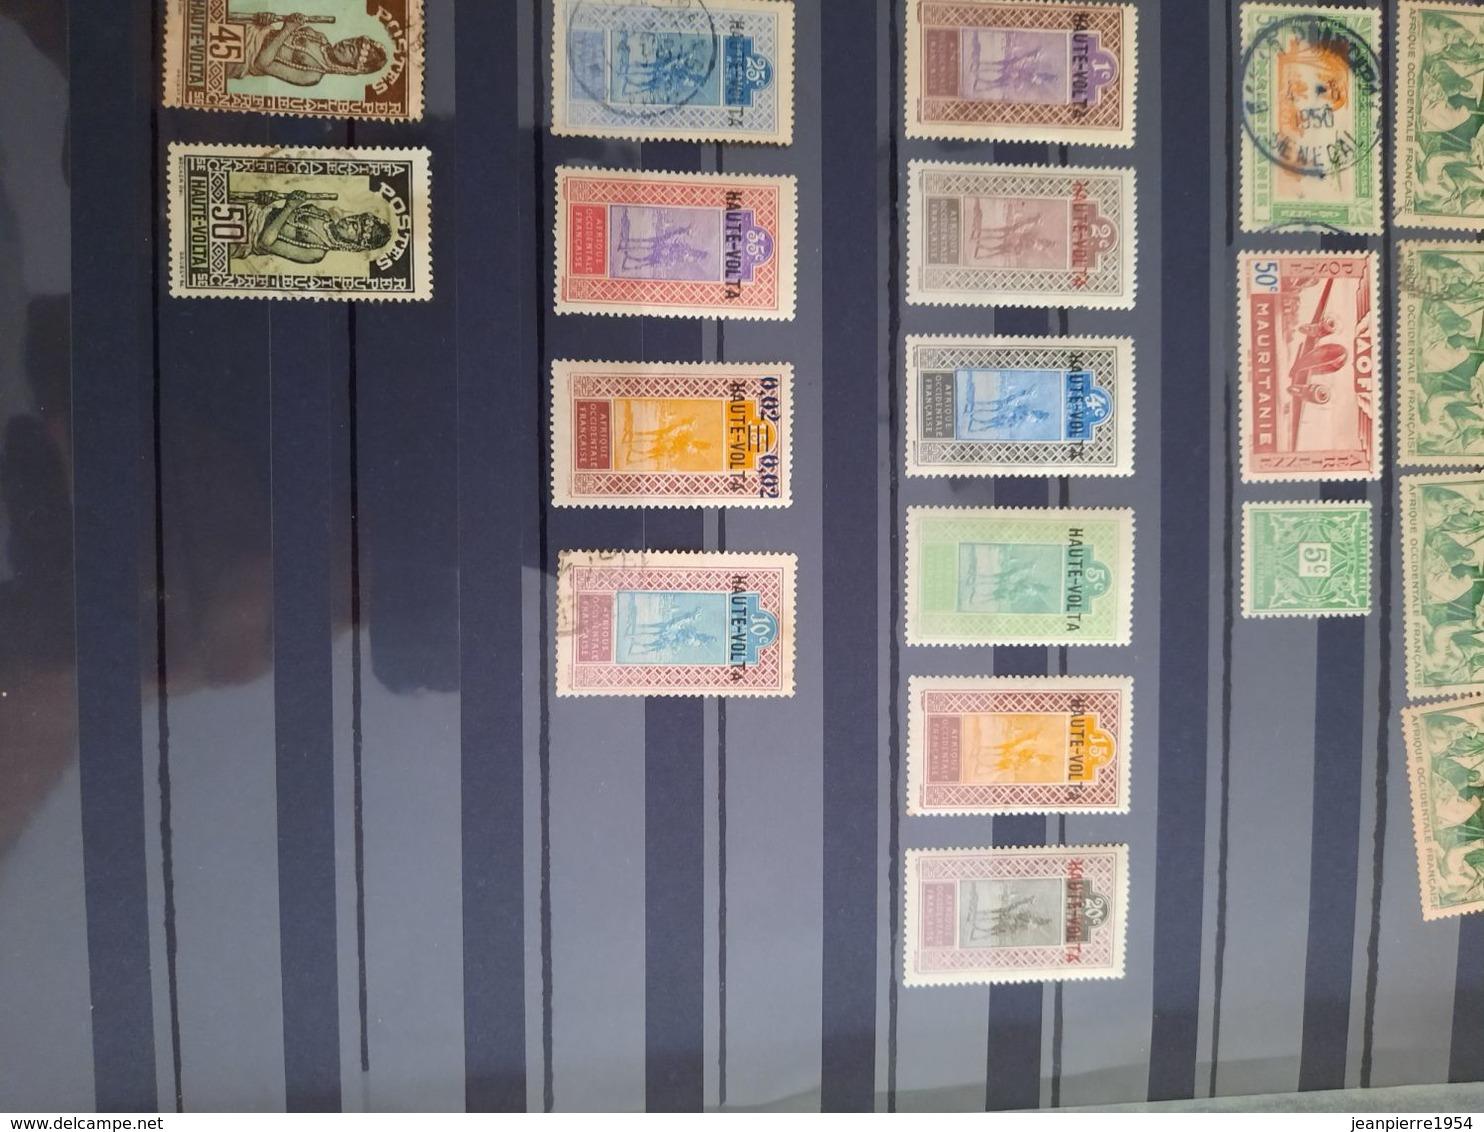 Colonie Française Oblitere Et Neuf Et Avec Trace De Charniere - Stamps